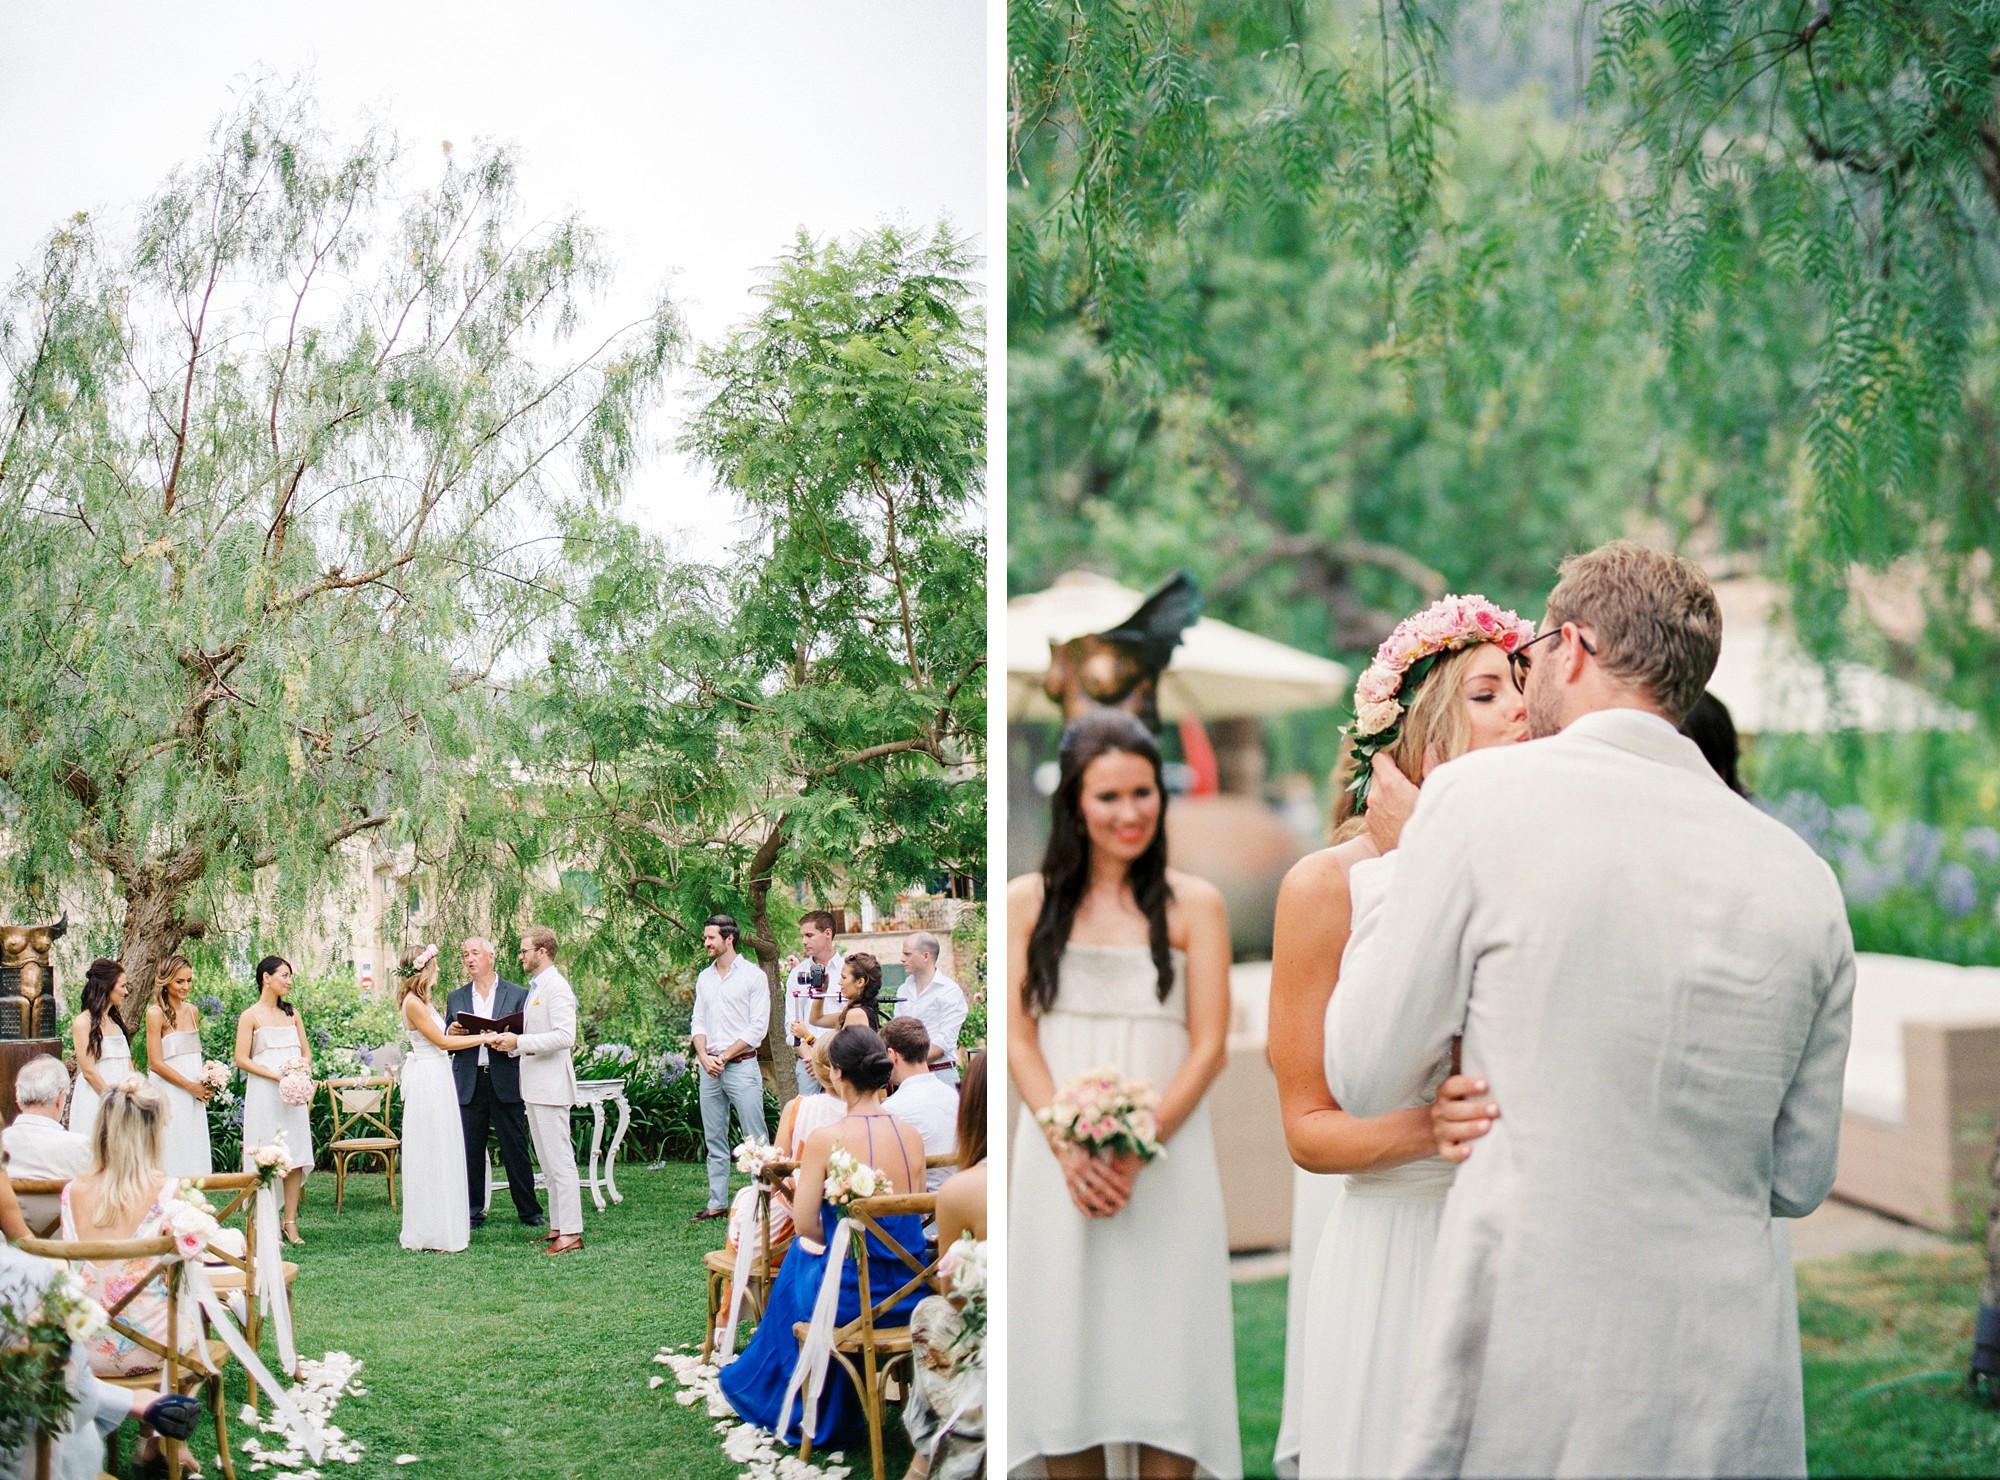 fotografos de boda en valencia barcelona mallorca wedding photographer094.jpg